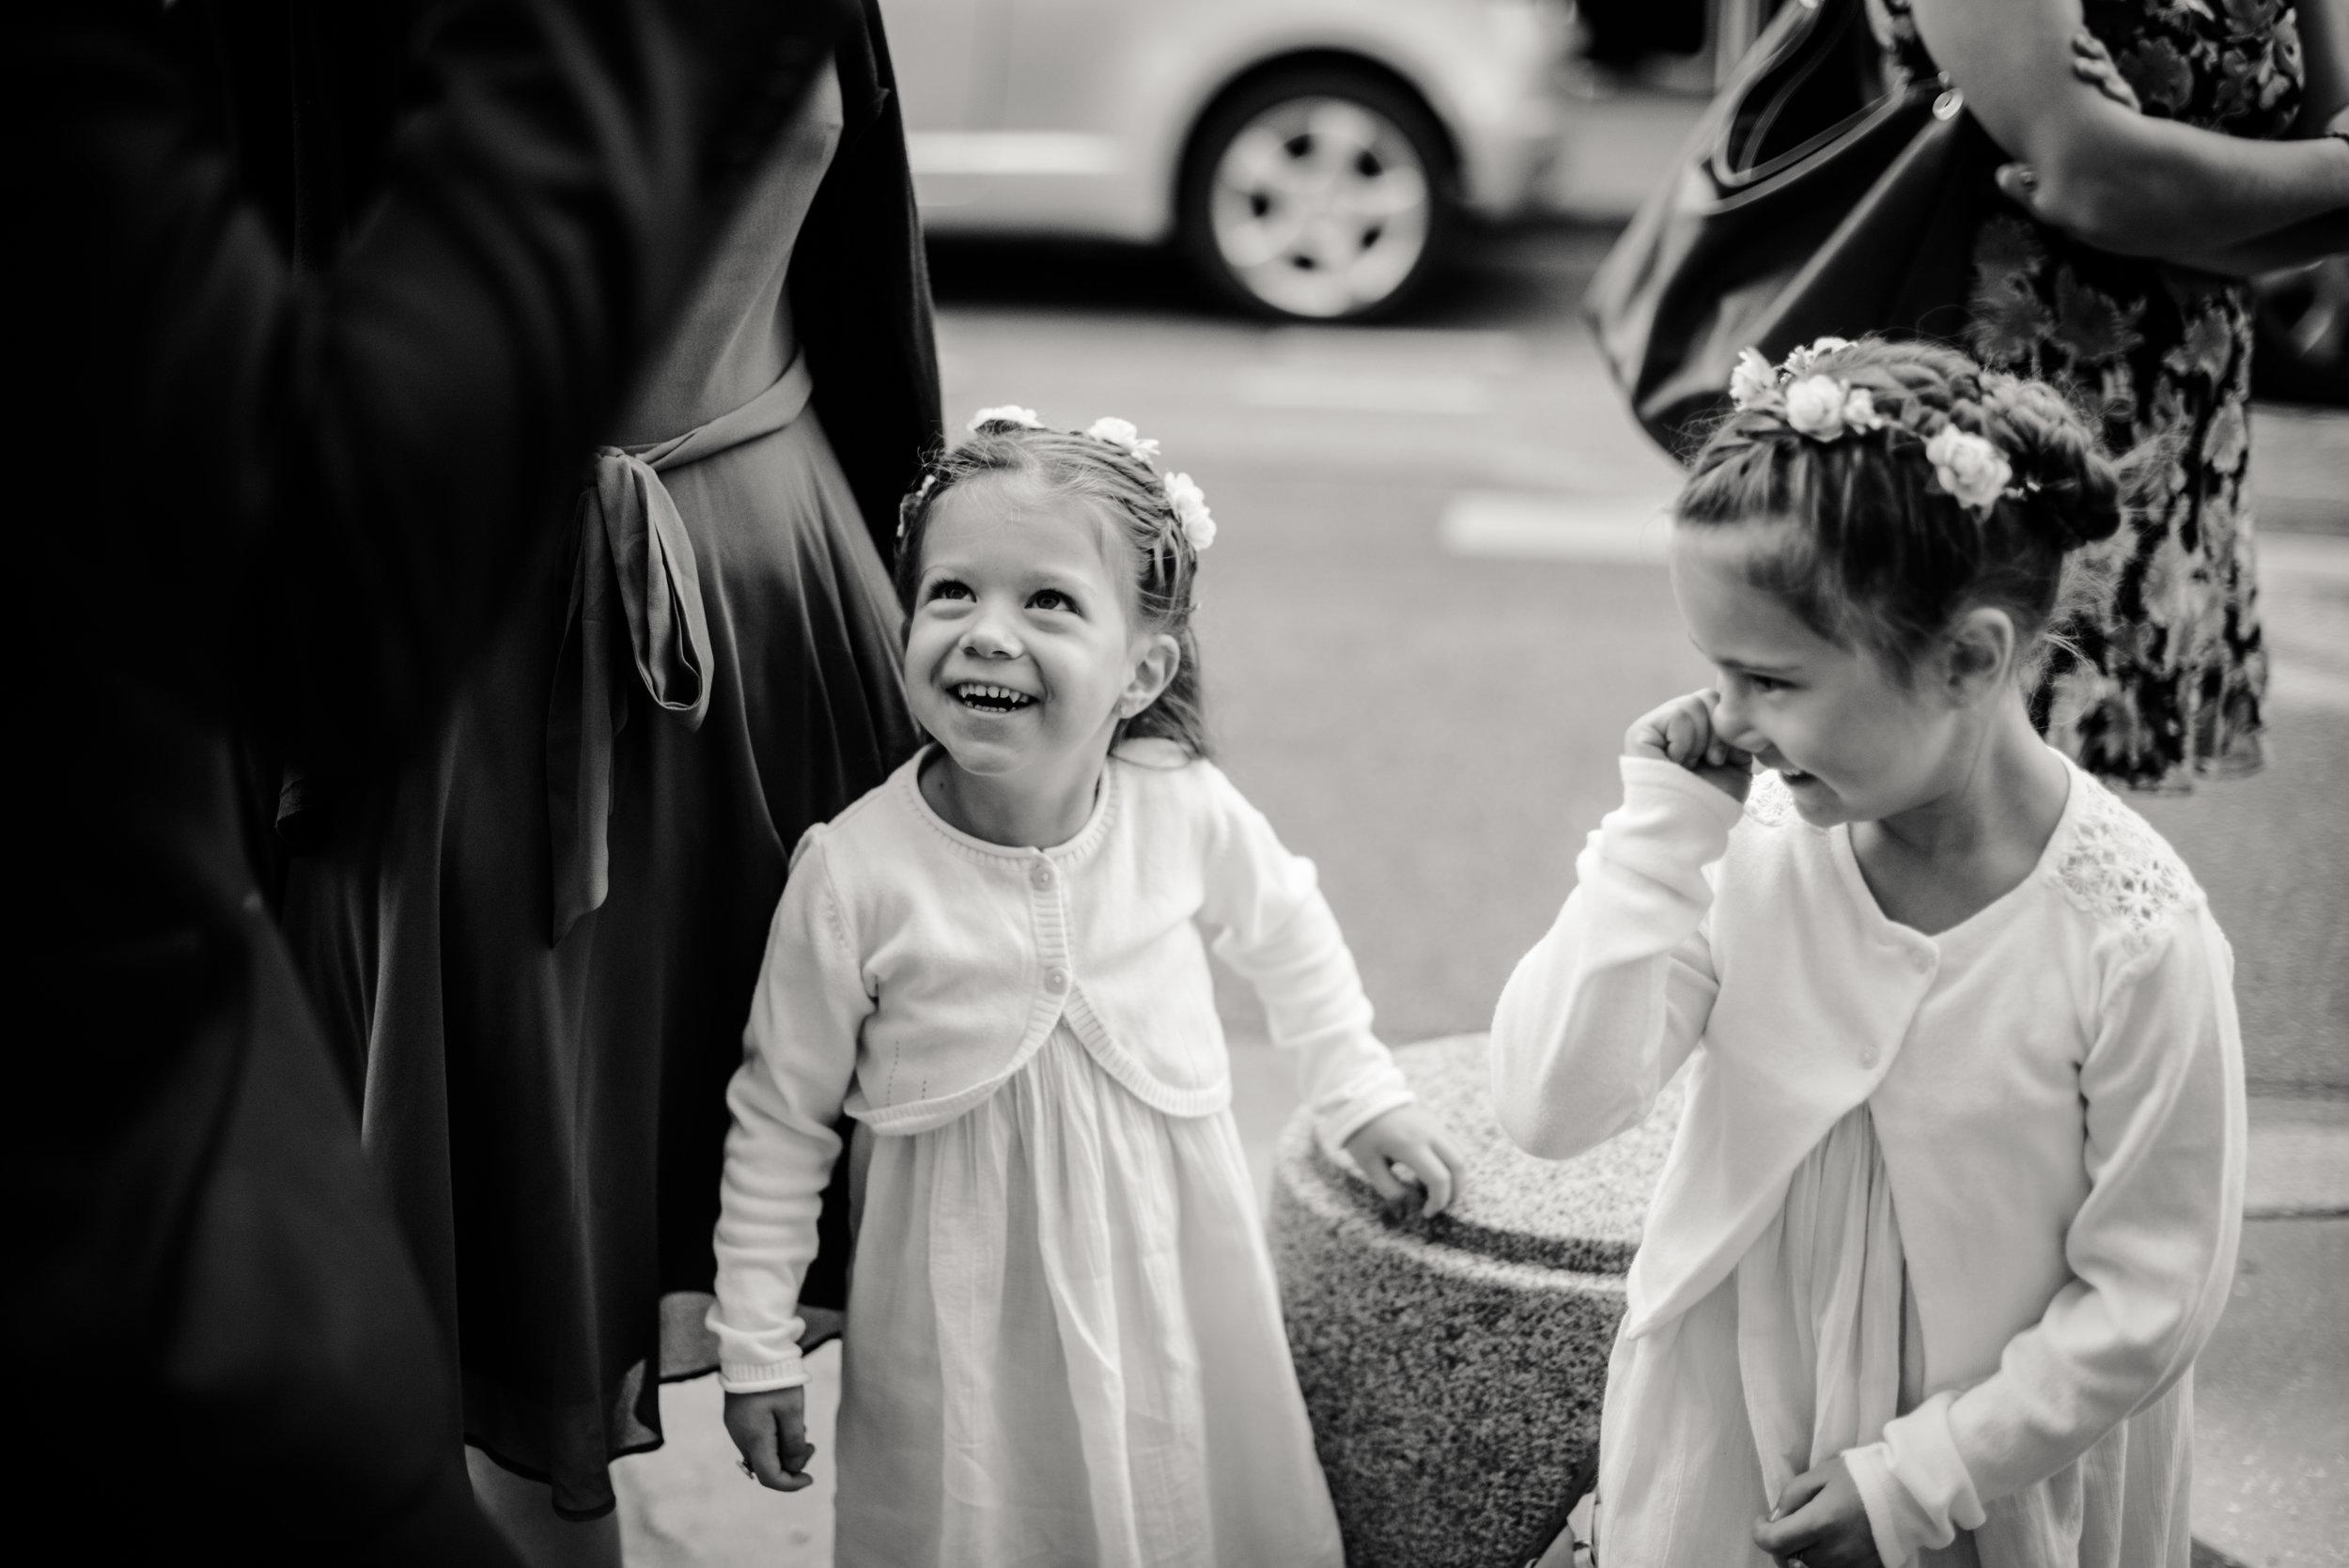 Léa-Fery-photographe-professionnel-lyon-rhone-alpes-portrait-creation-mariage-evenement-evenementiel-famille-7951.jpg